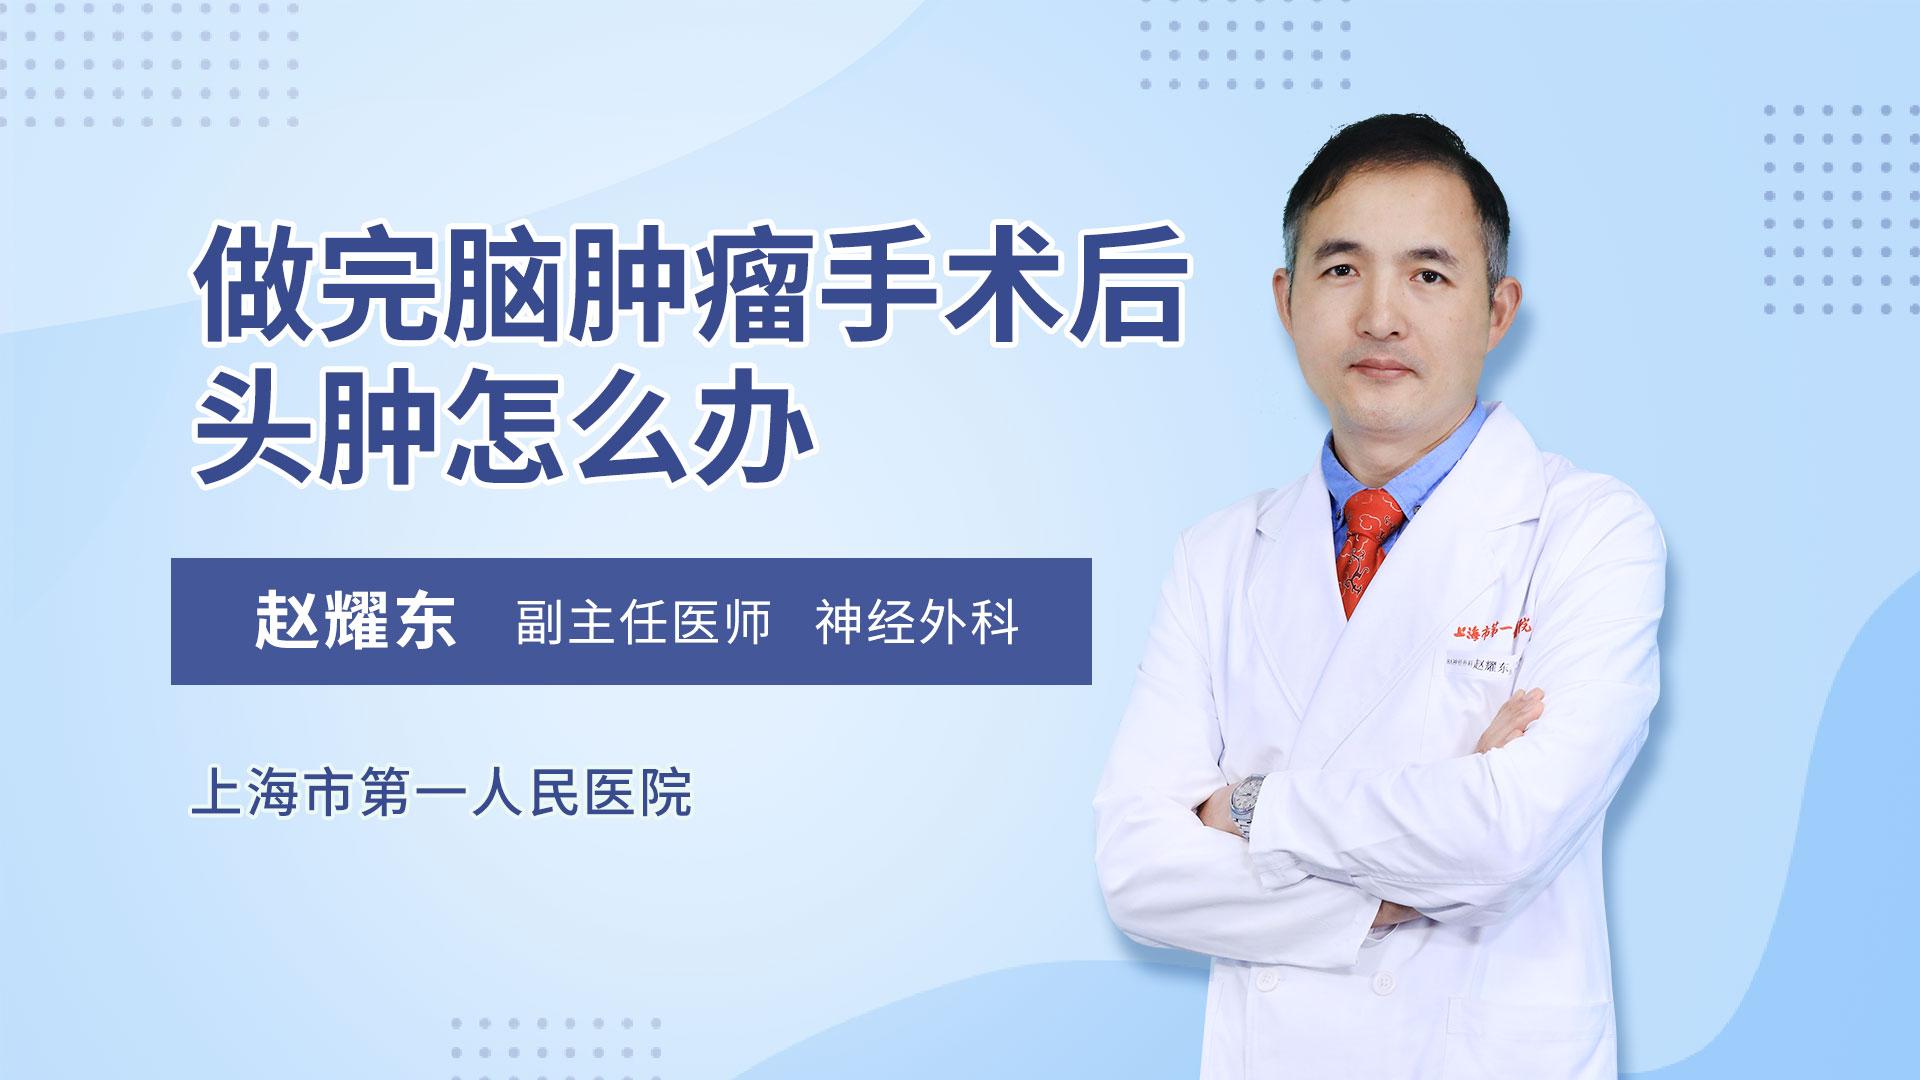 做完脑肿瘤手术后头肿怎么办